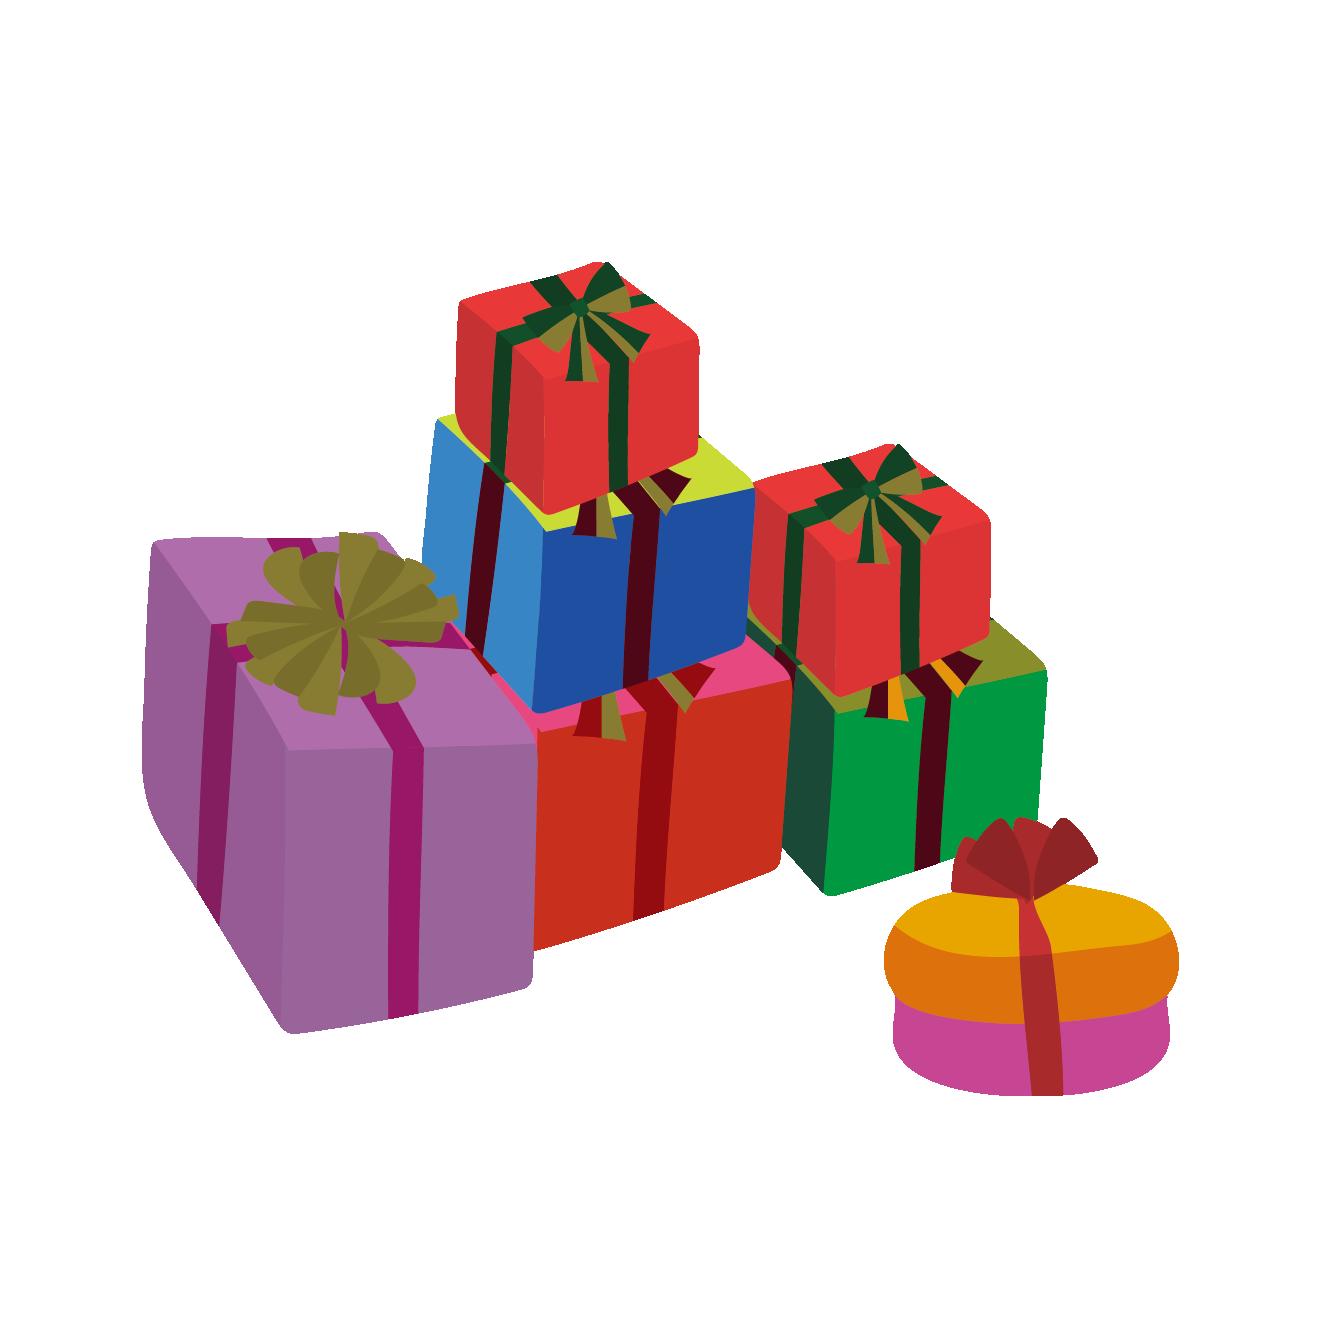 プレゼント(ギフト)の 無料 イラスト【クリスマス】